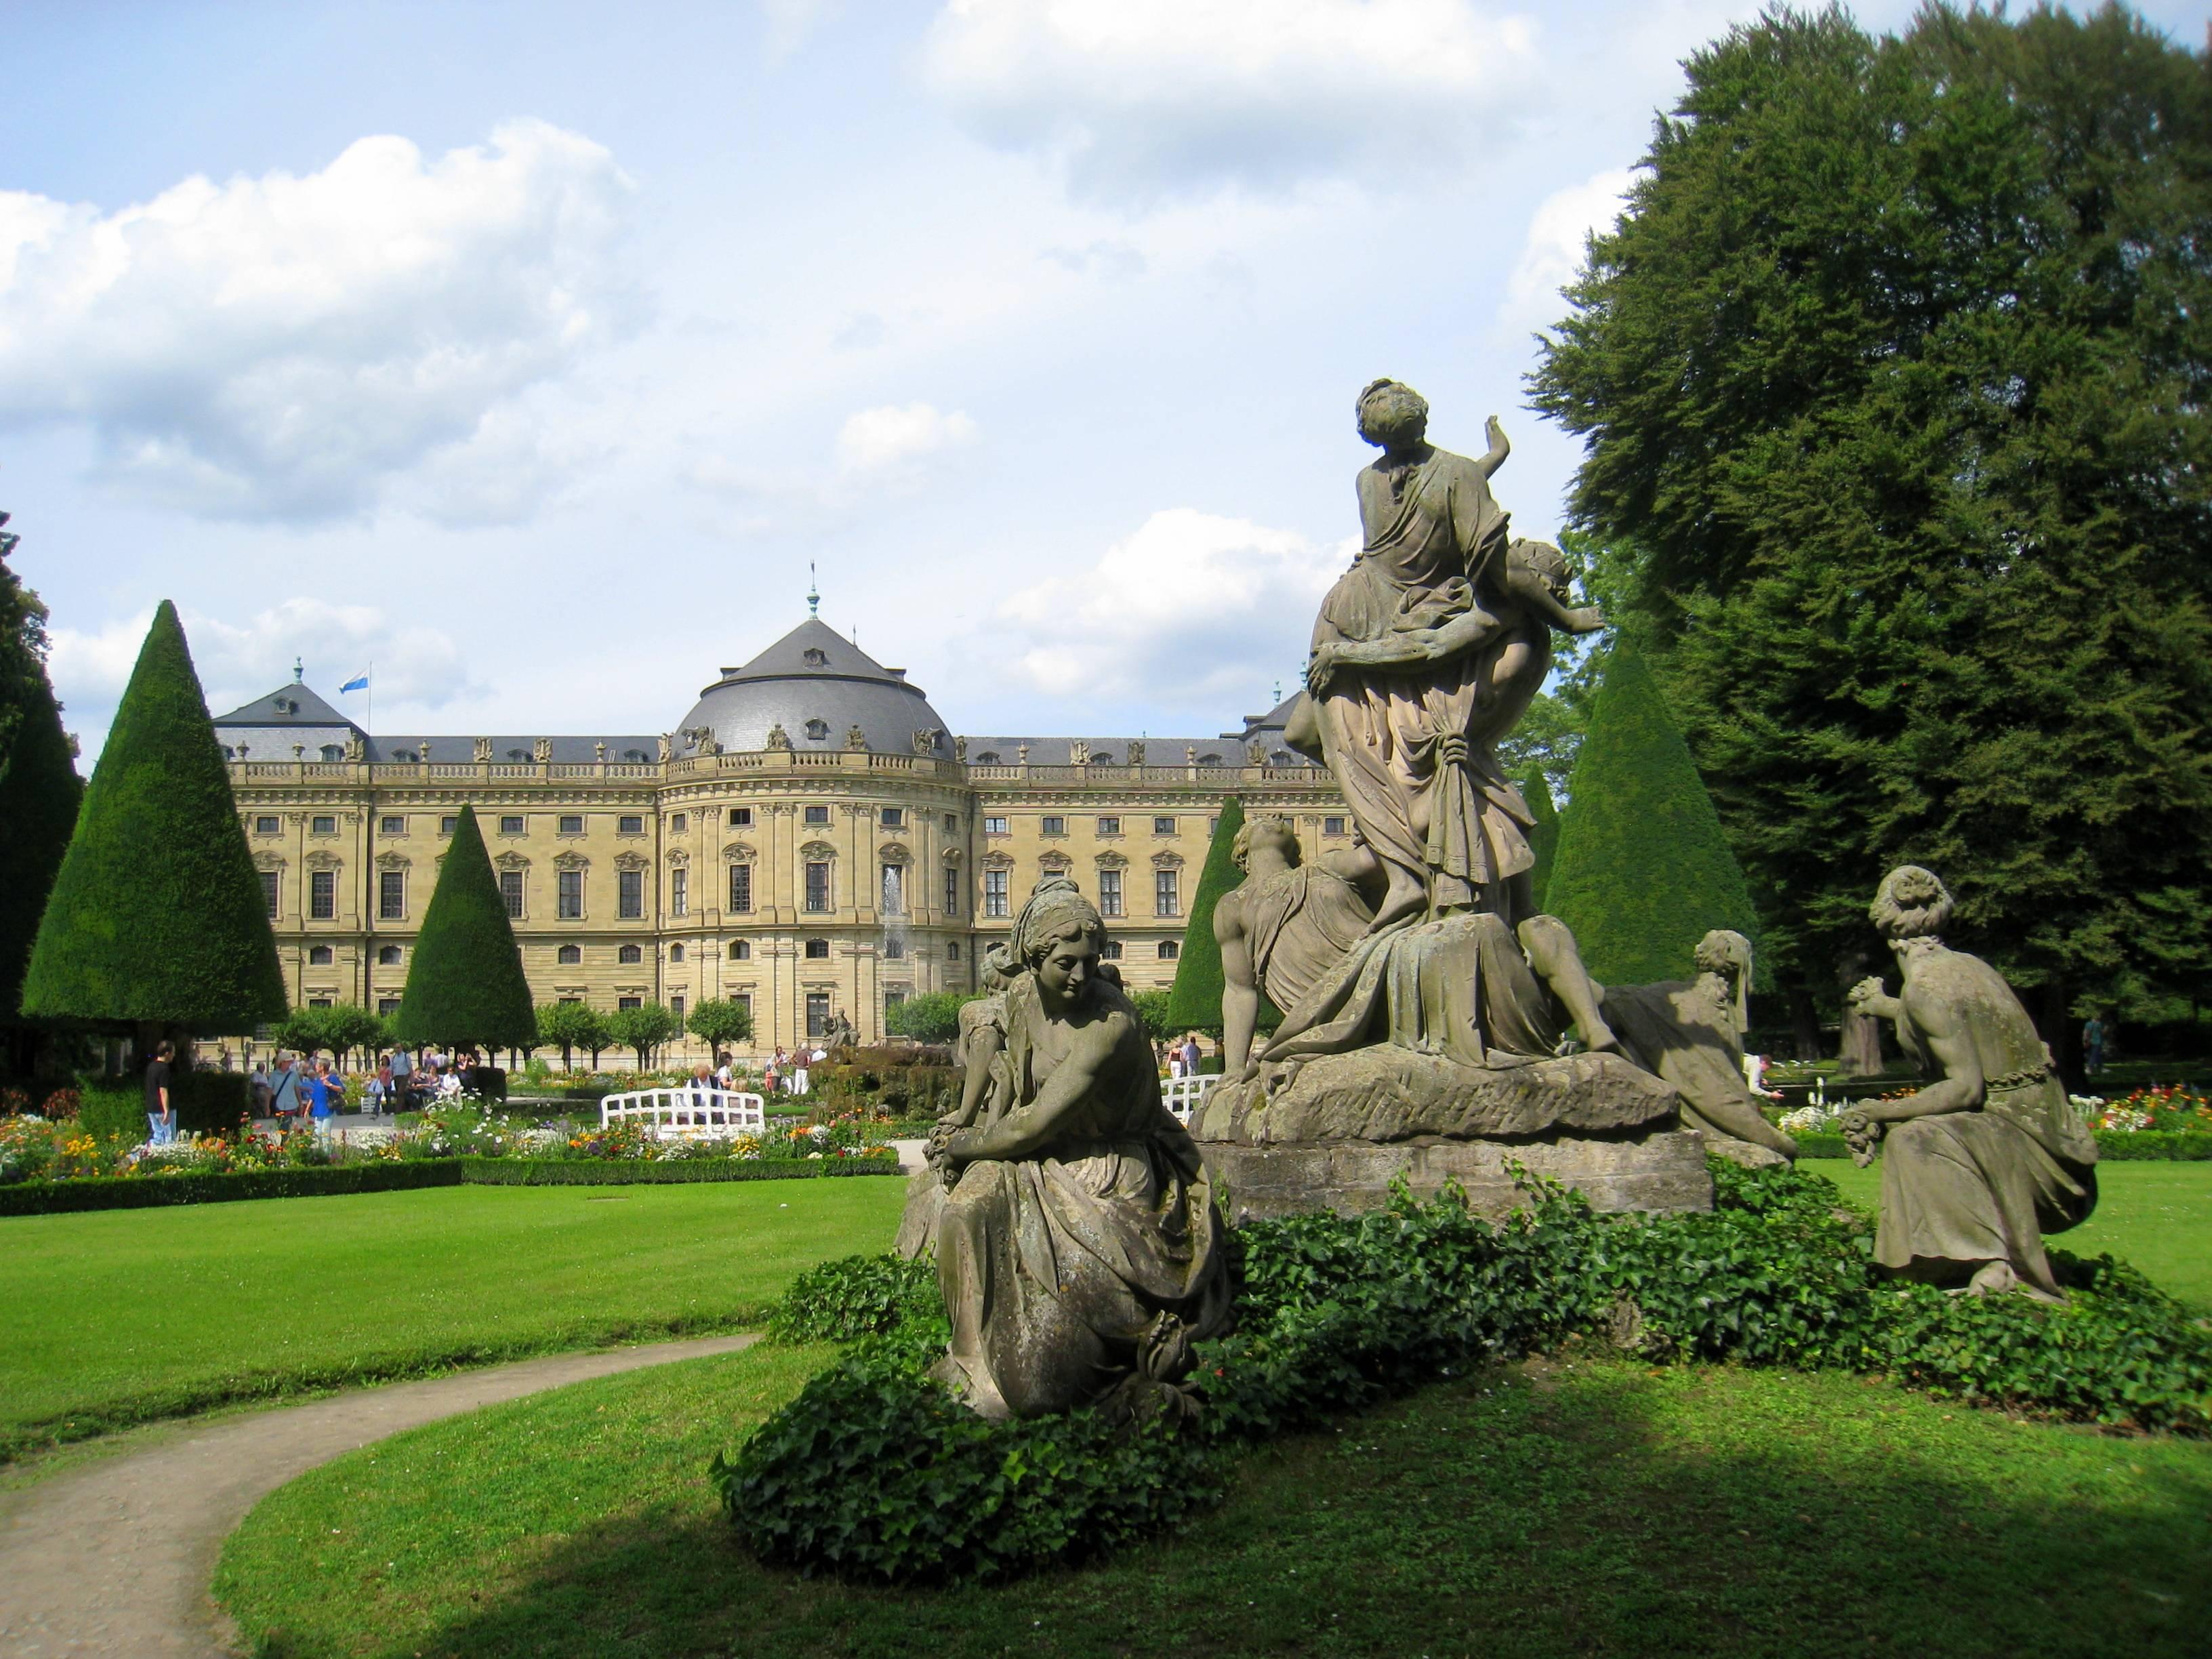 Вюрцбург в германии: описание достопримечательностей